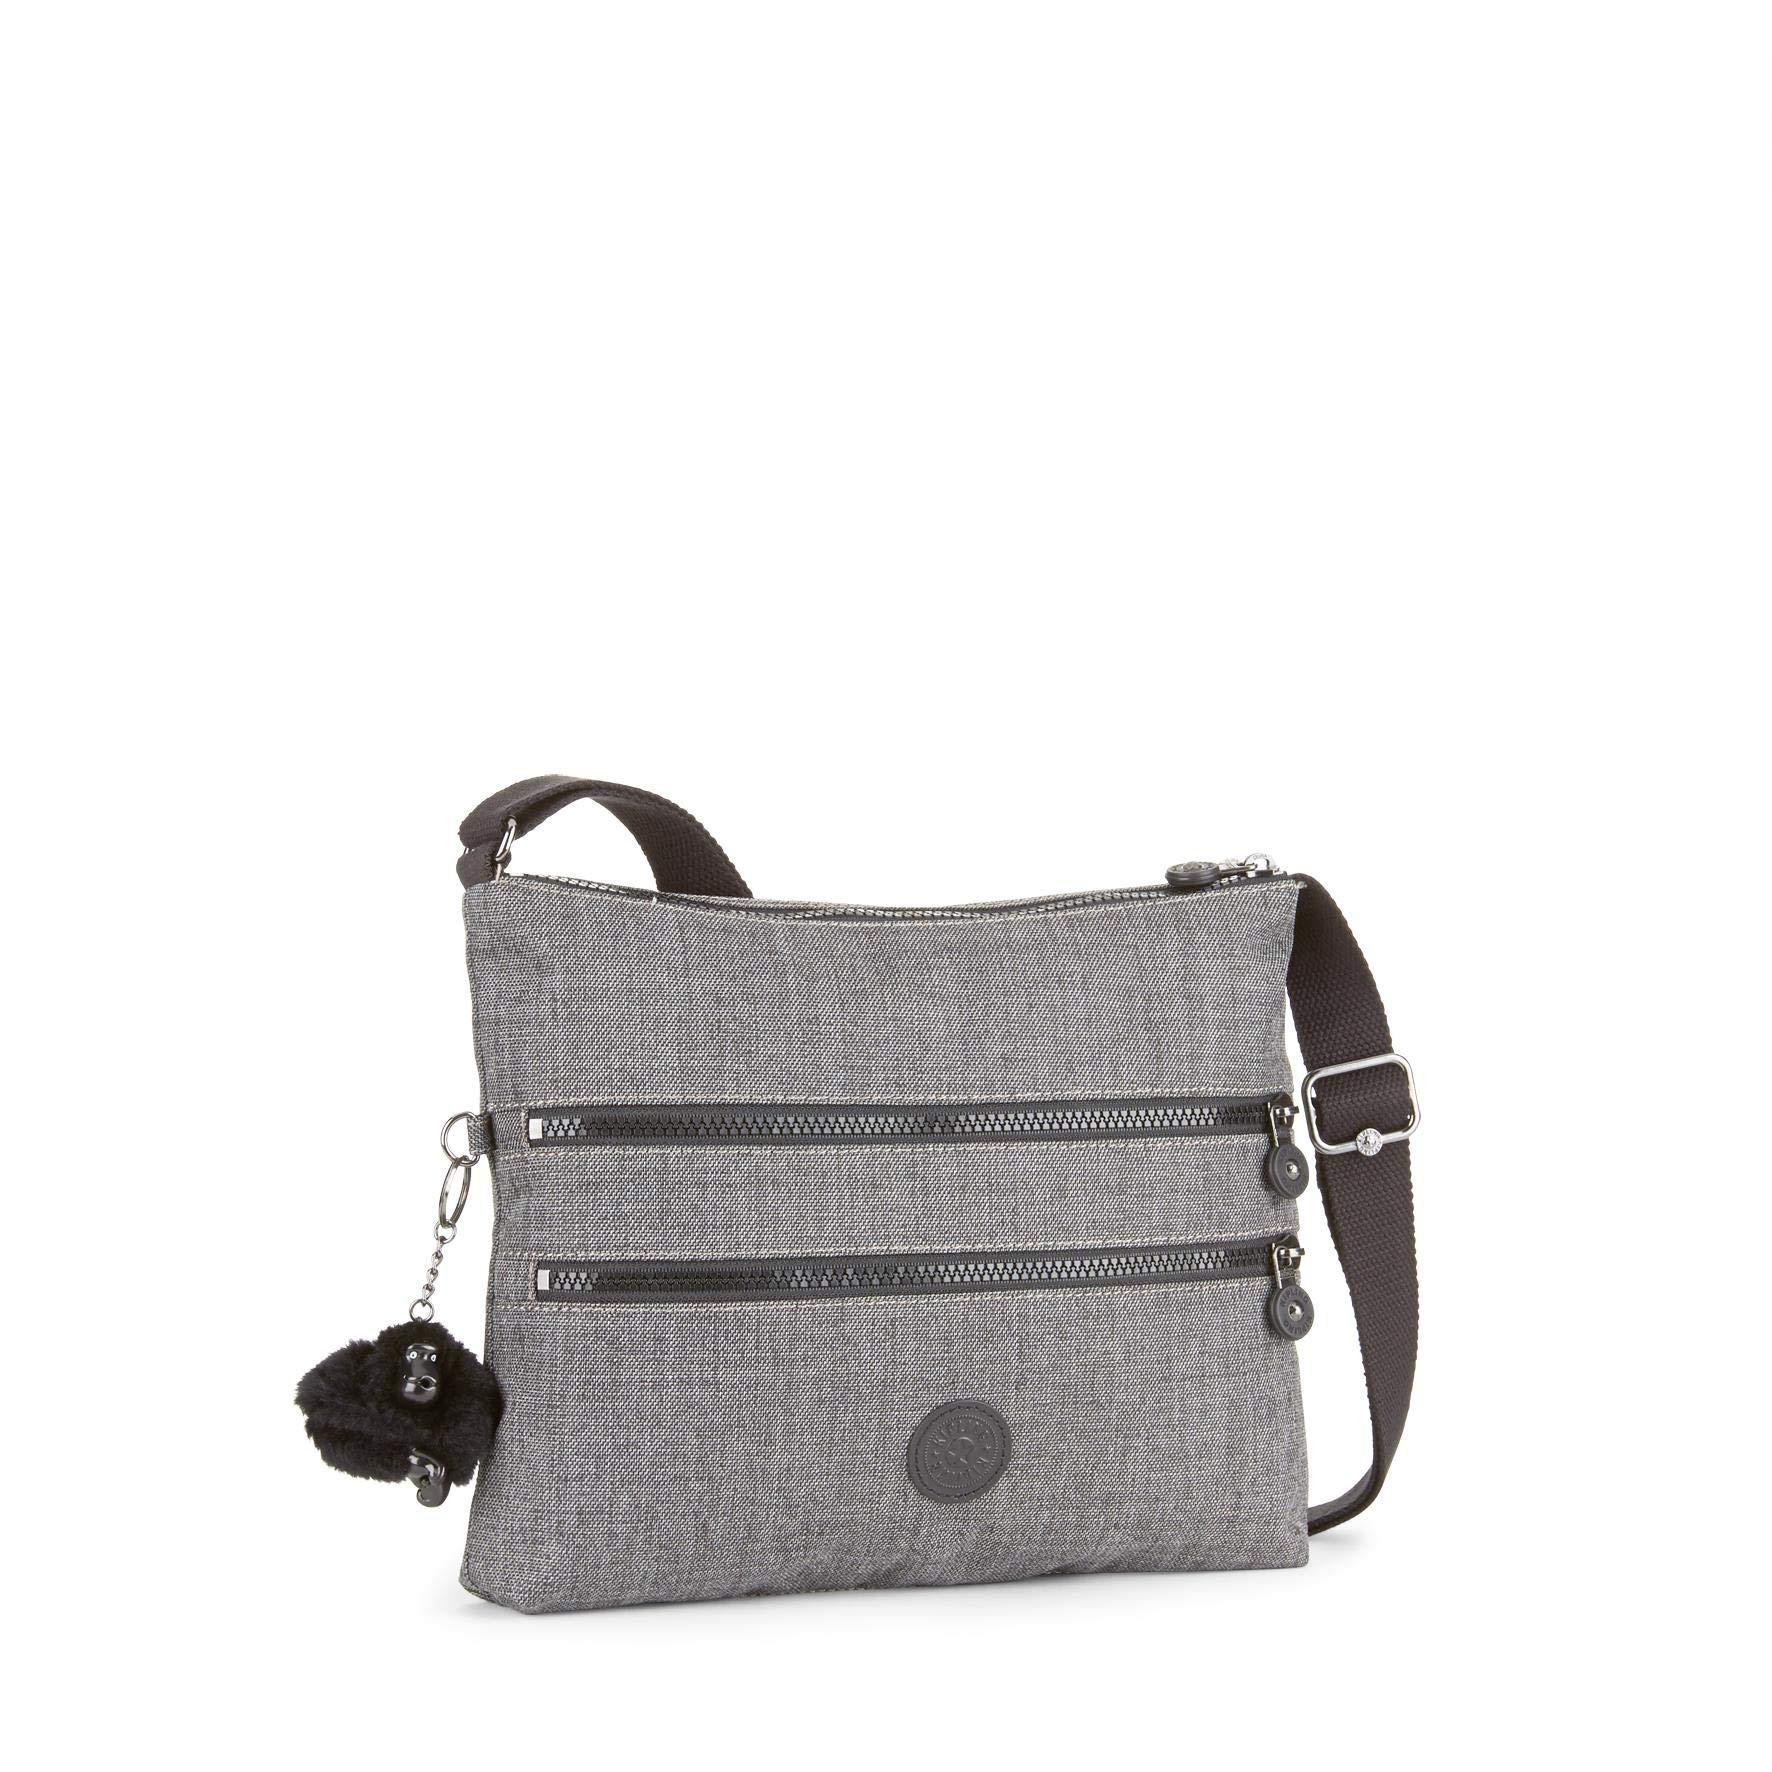 Kipling Women's Alvar Shoulder Bag, 33 x 26 x 4.5 cm Grey Size: UK One Size